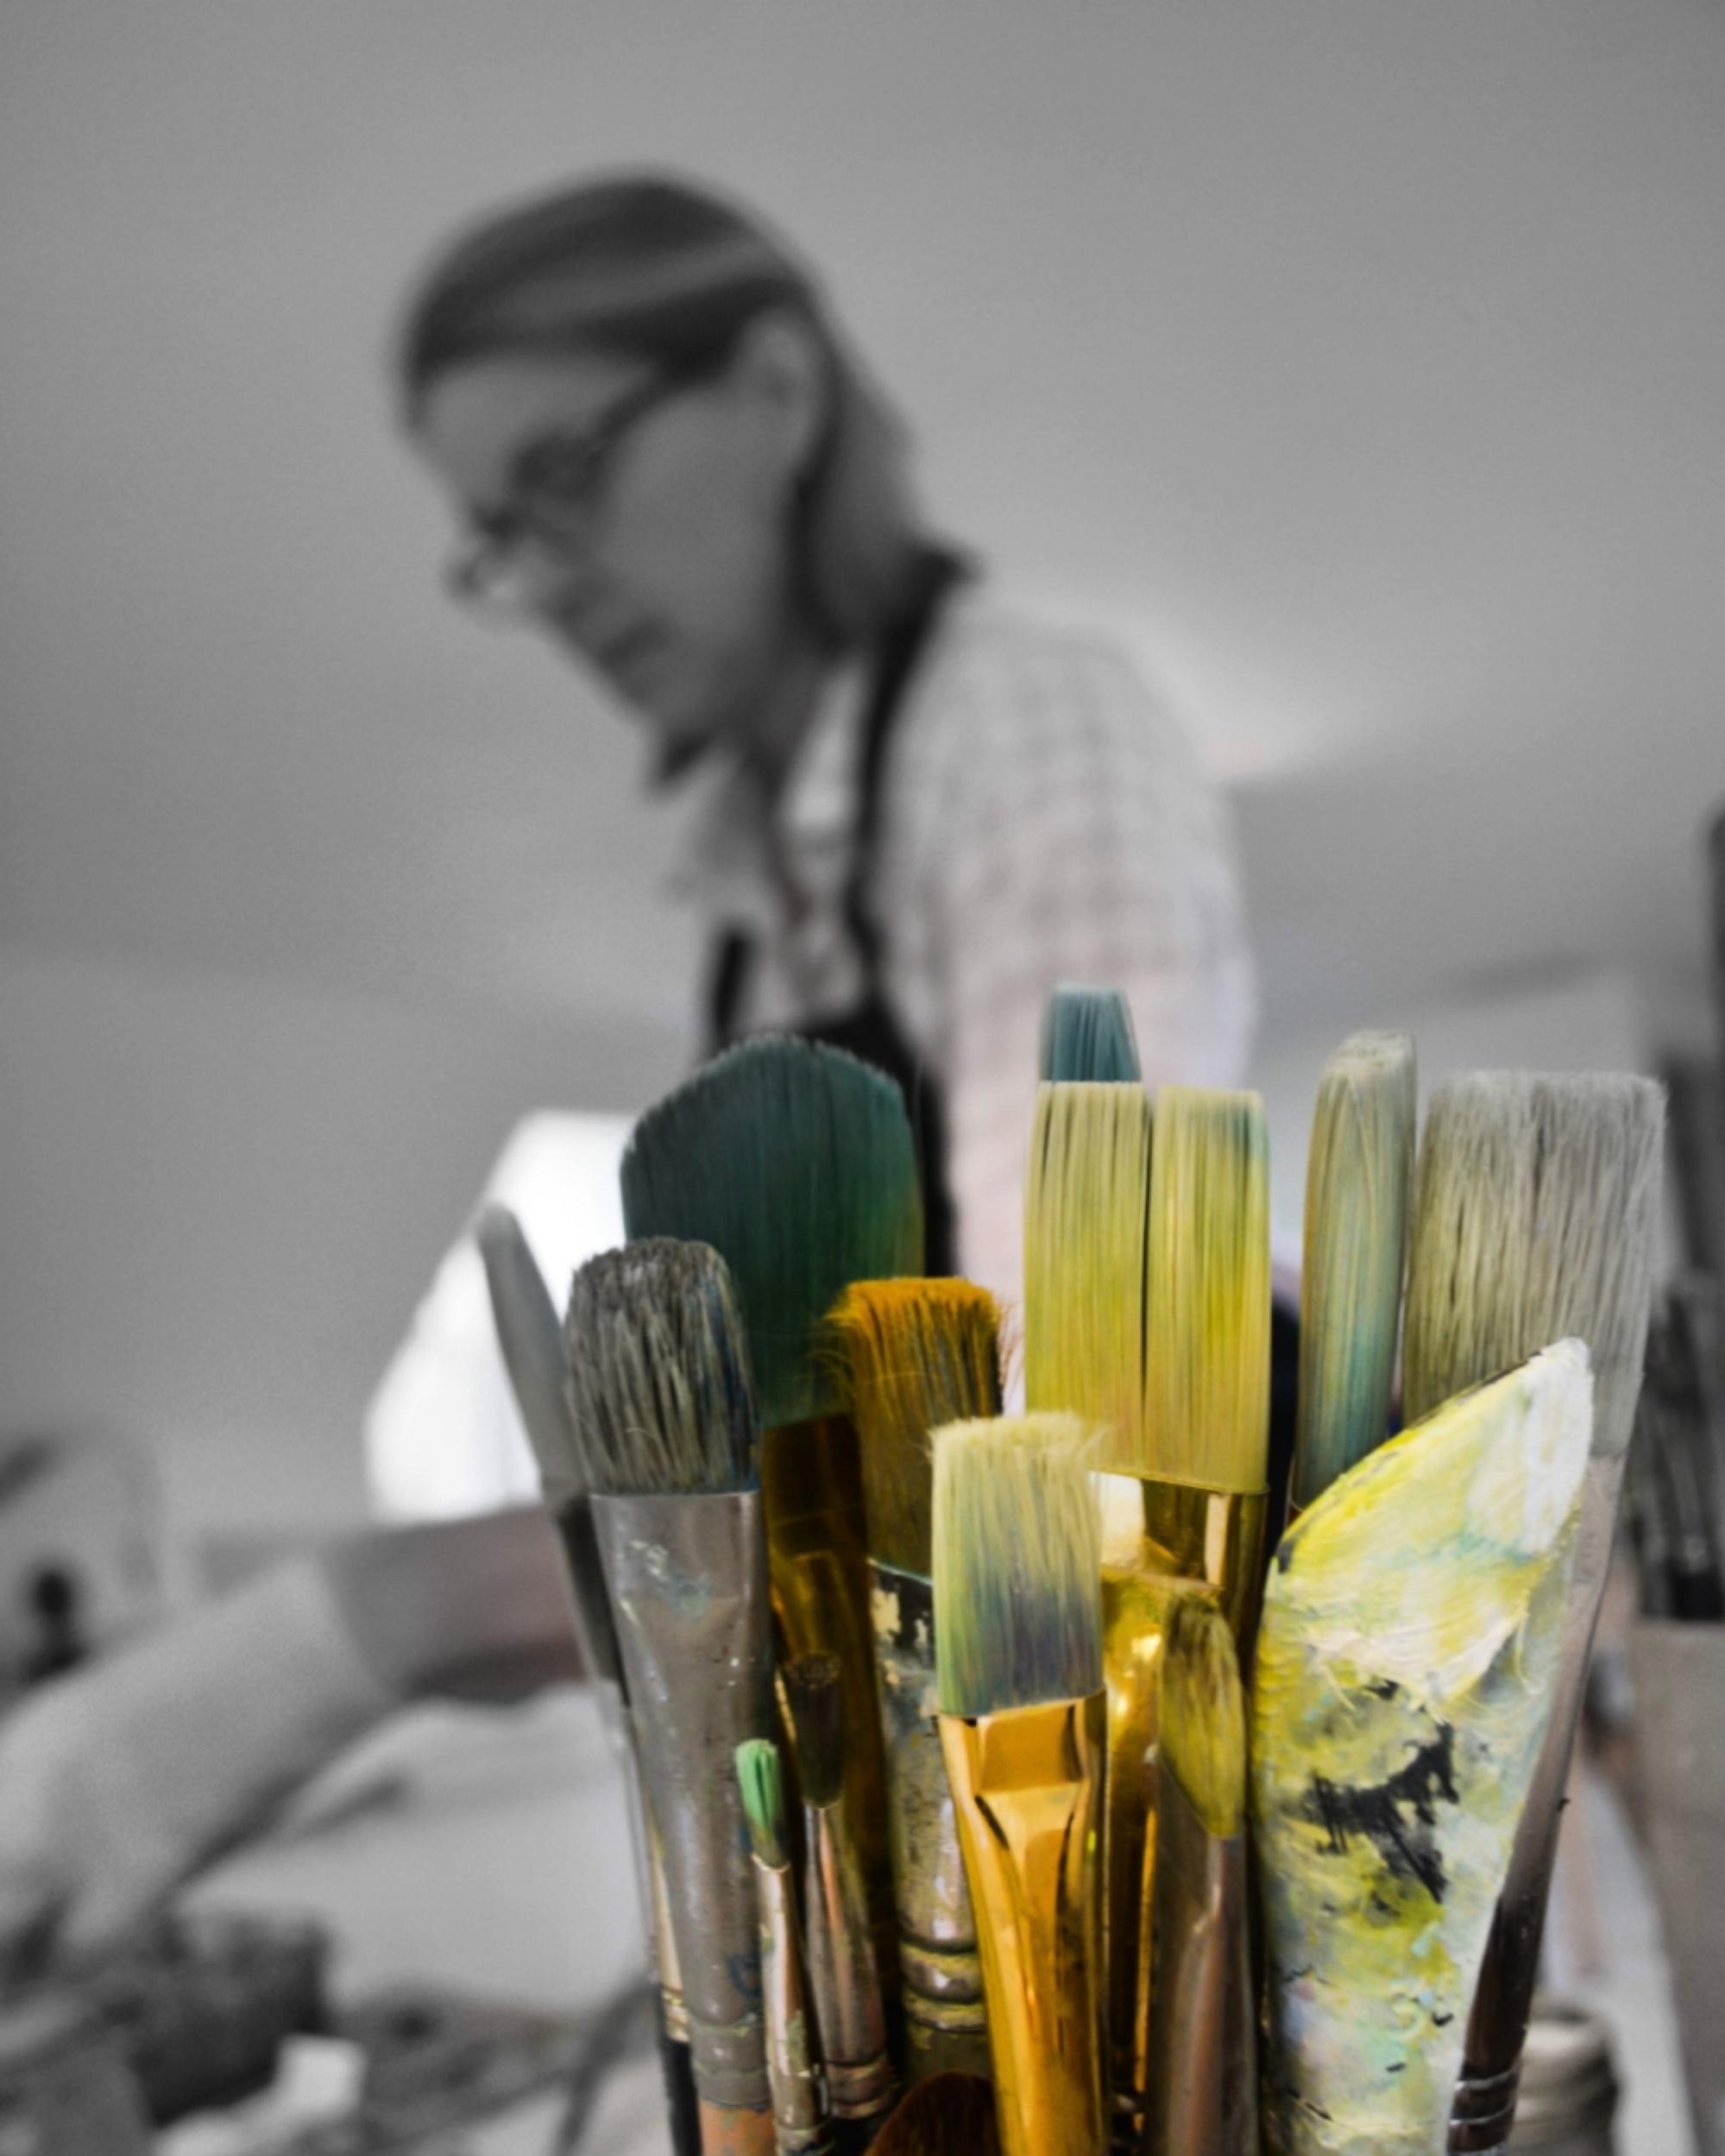 paintbrushesincolor.jpg